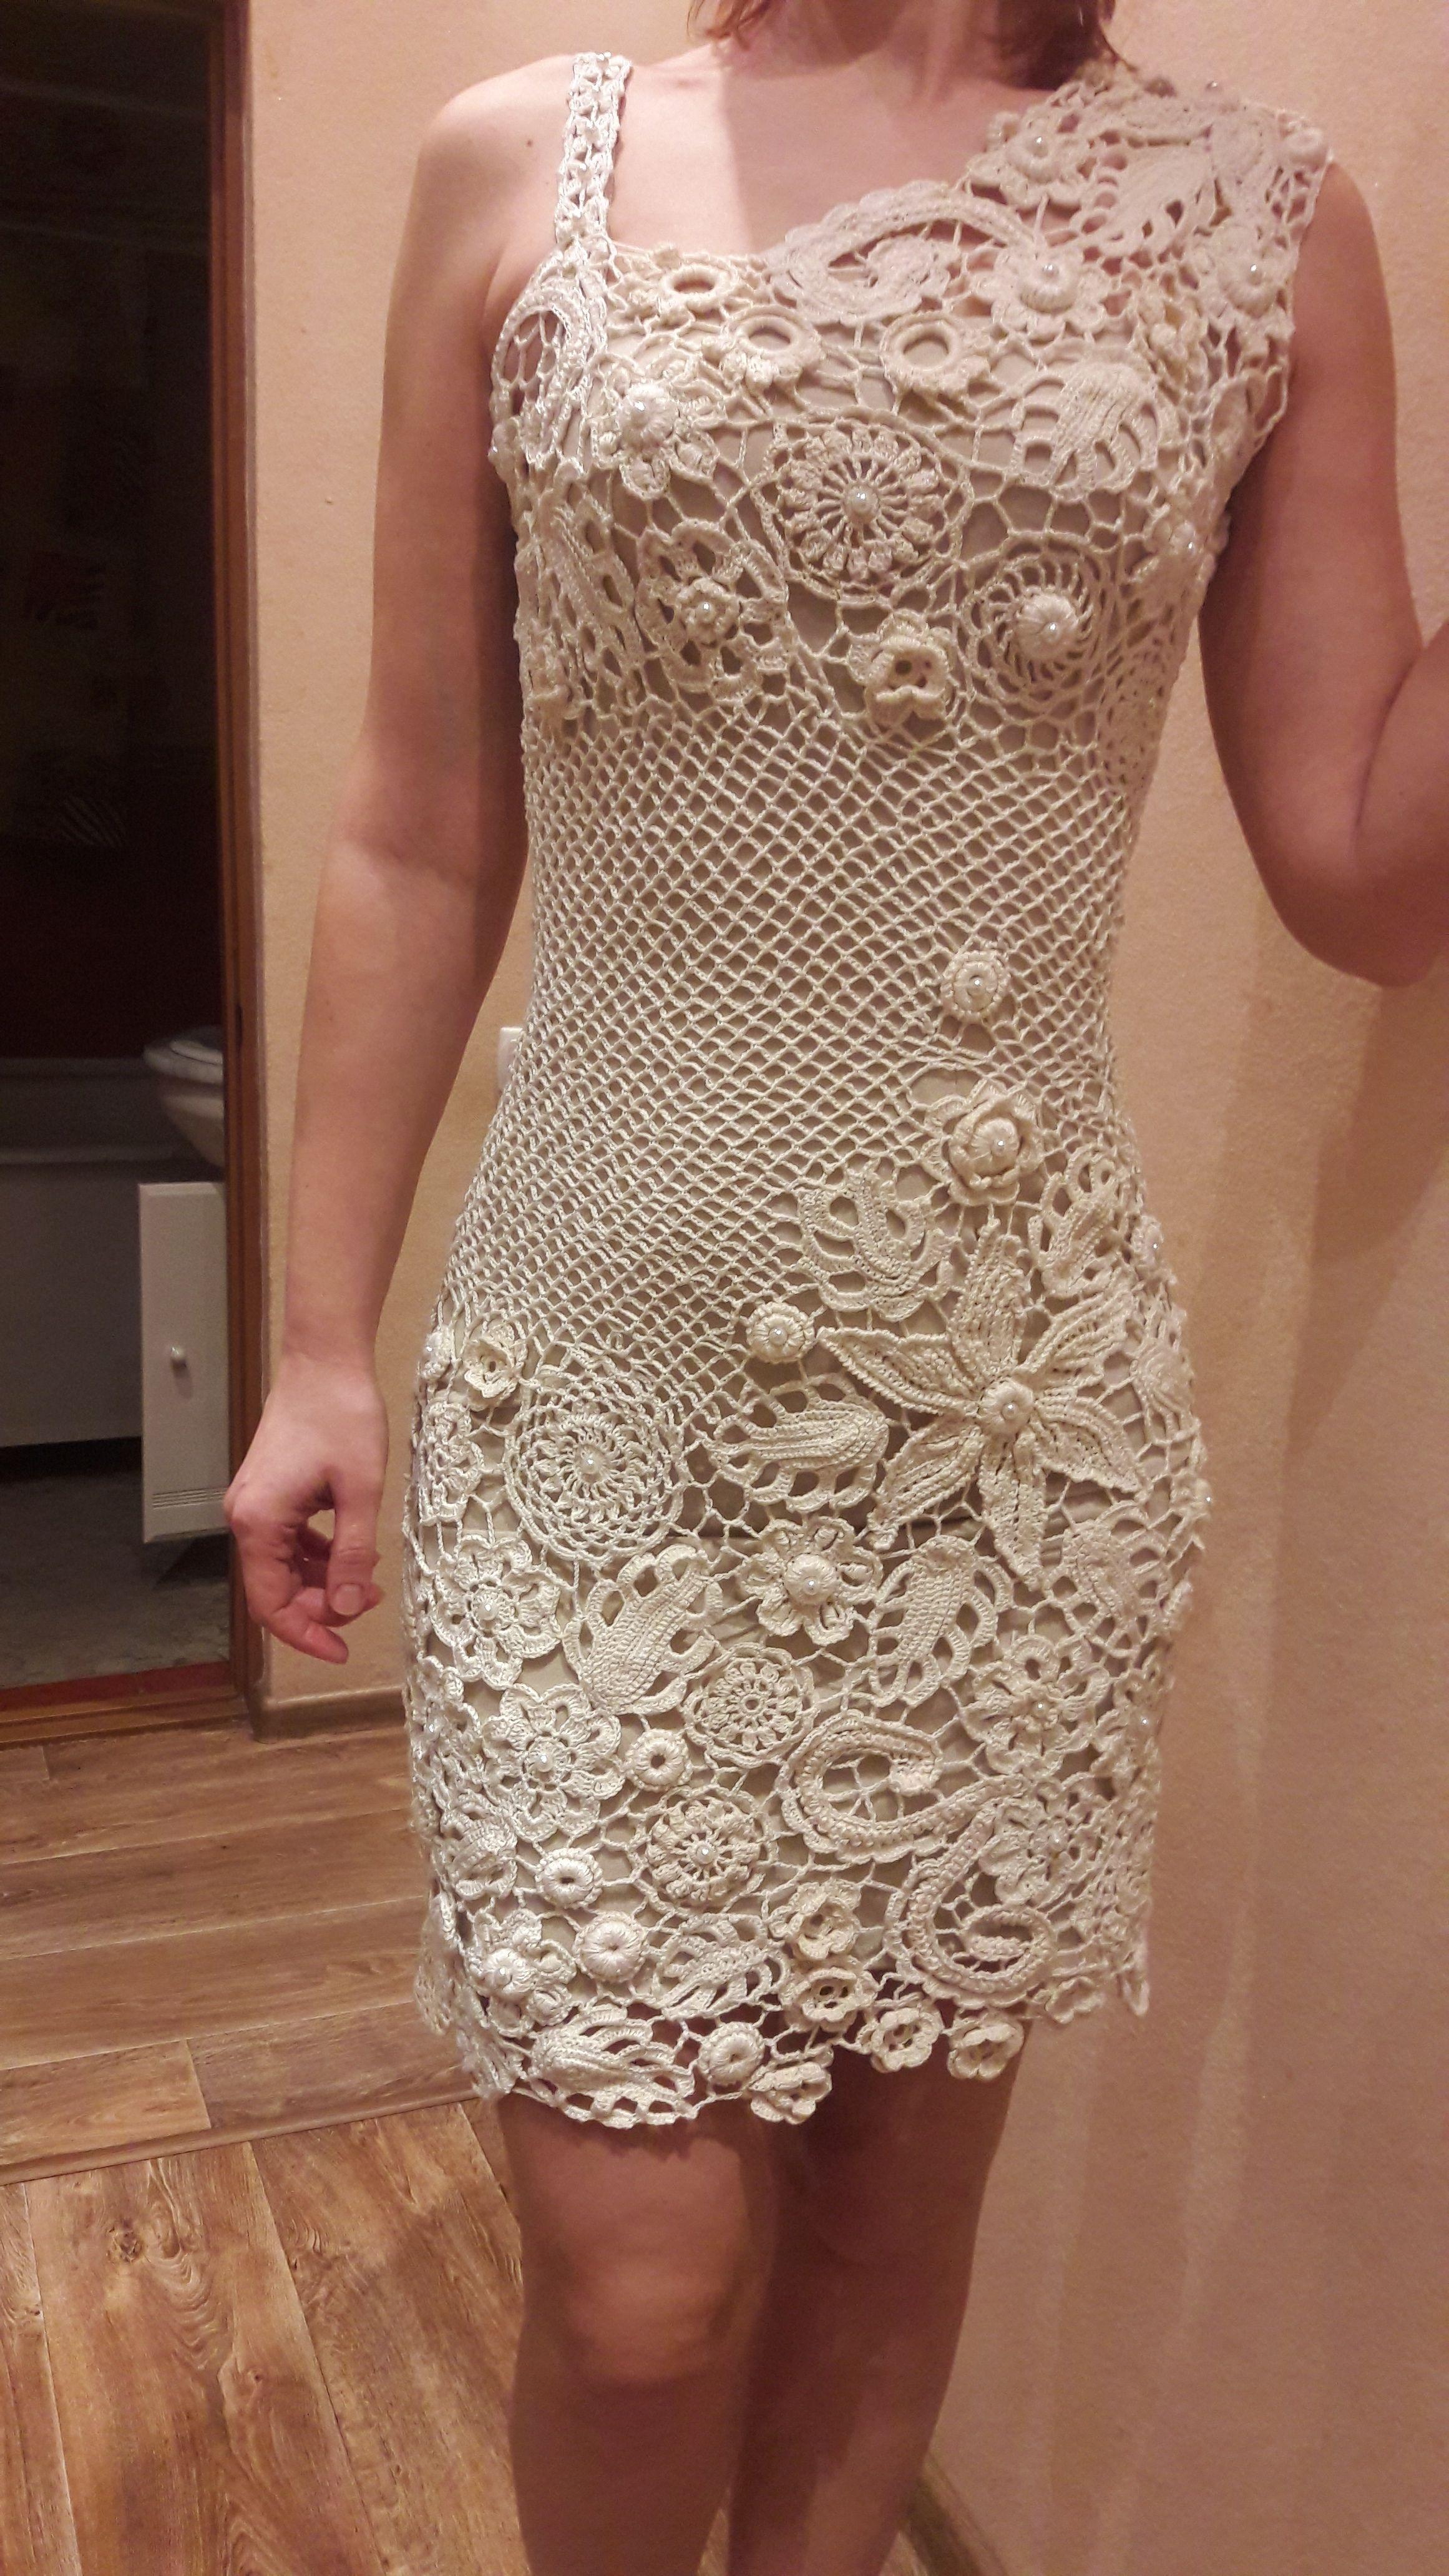 f33ee52d811d Платье для доченьки Vestido De Croche Branco, Crochê Bonito, Crochê  Fashion, Saida De